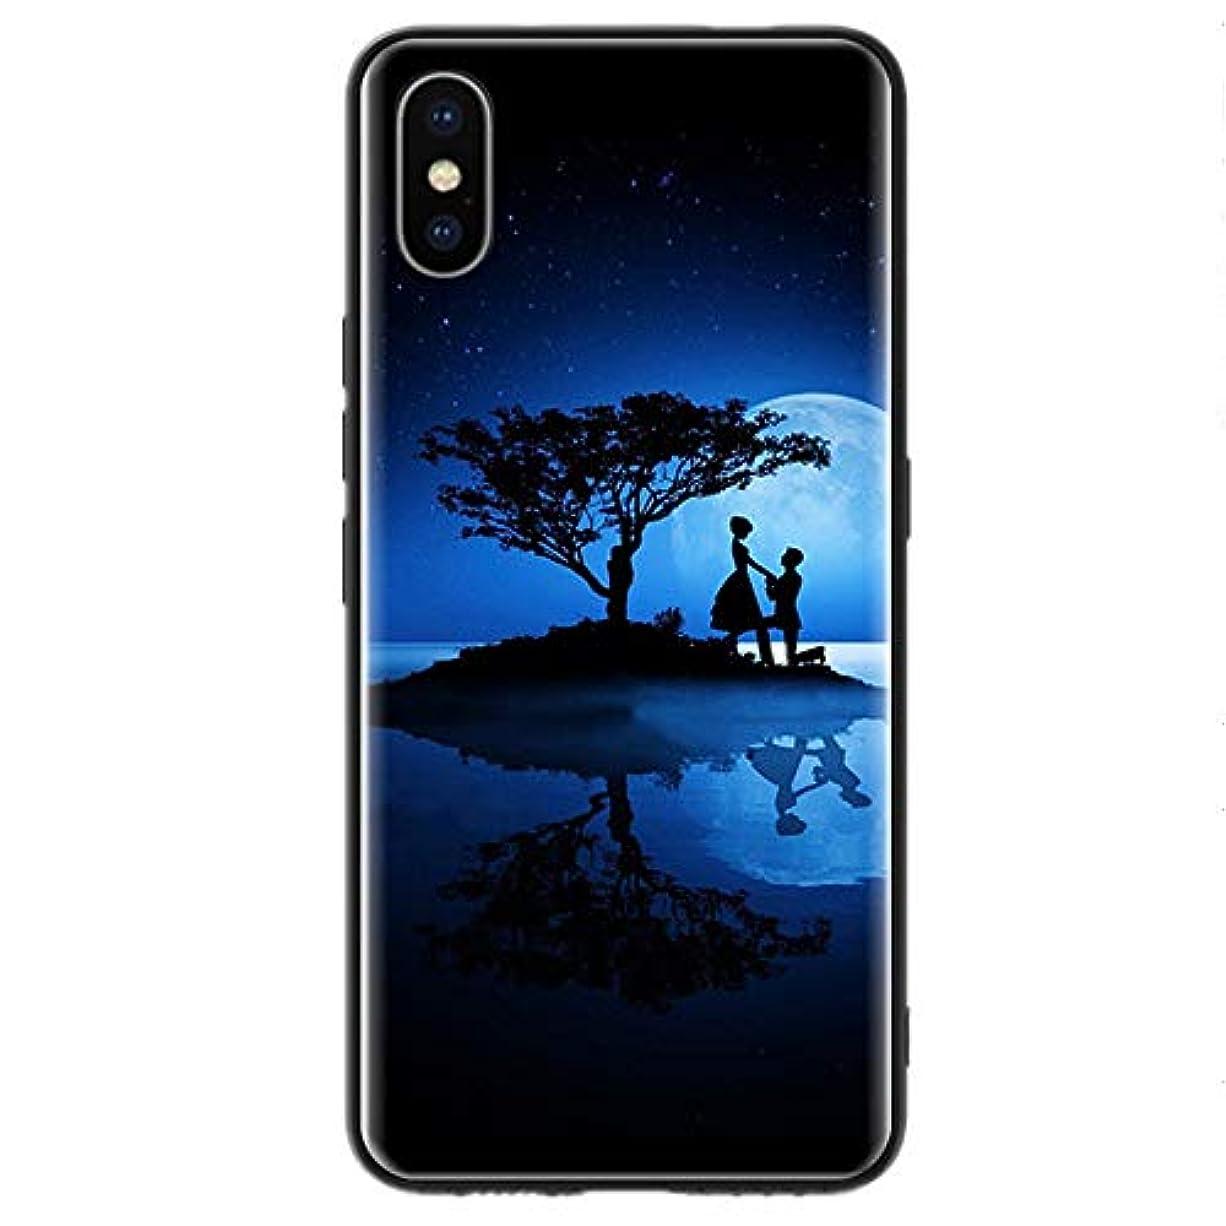 概してもう一度累積iPhone X 専用ケース 背面強化ガラスxTPUハイブリッドカバー 滑り止め 発光電話ケース ガラスシェル クリエイティブソフトカバー[ 薄型 軽量 ] [ ワイヤレス充電対応 ] [ レンズ保護 耐衝撃 指紋防止 ]